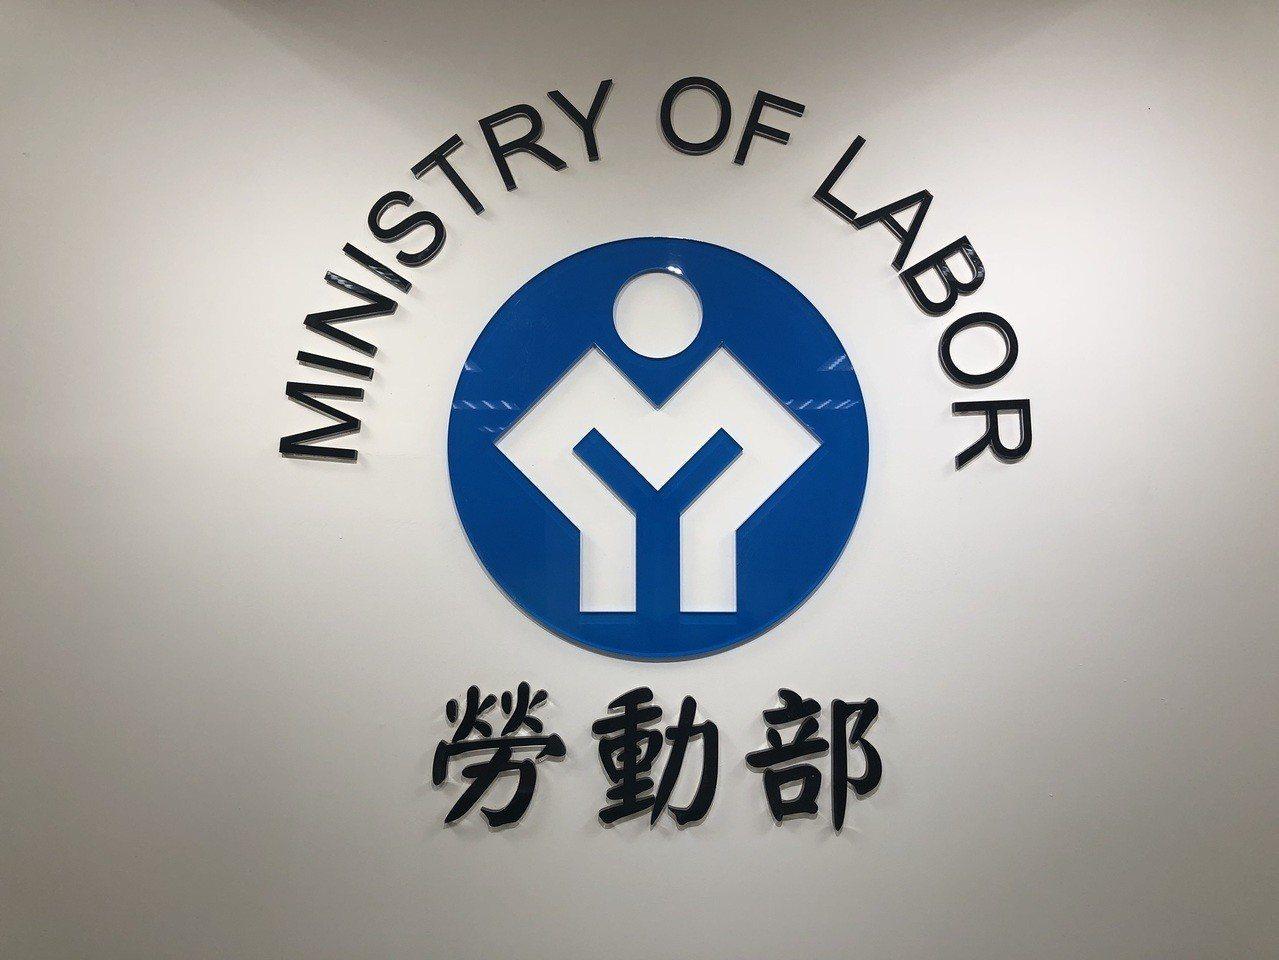 勞動部公布的最新資料,勞工平均退休年齡約為61歲,如何享受退休後的樂齡生活,退休...